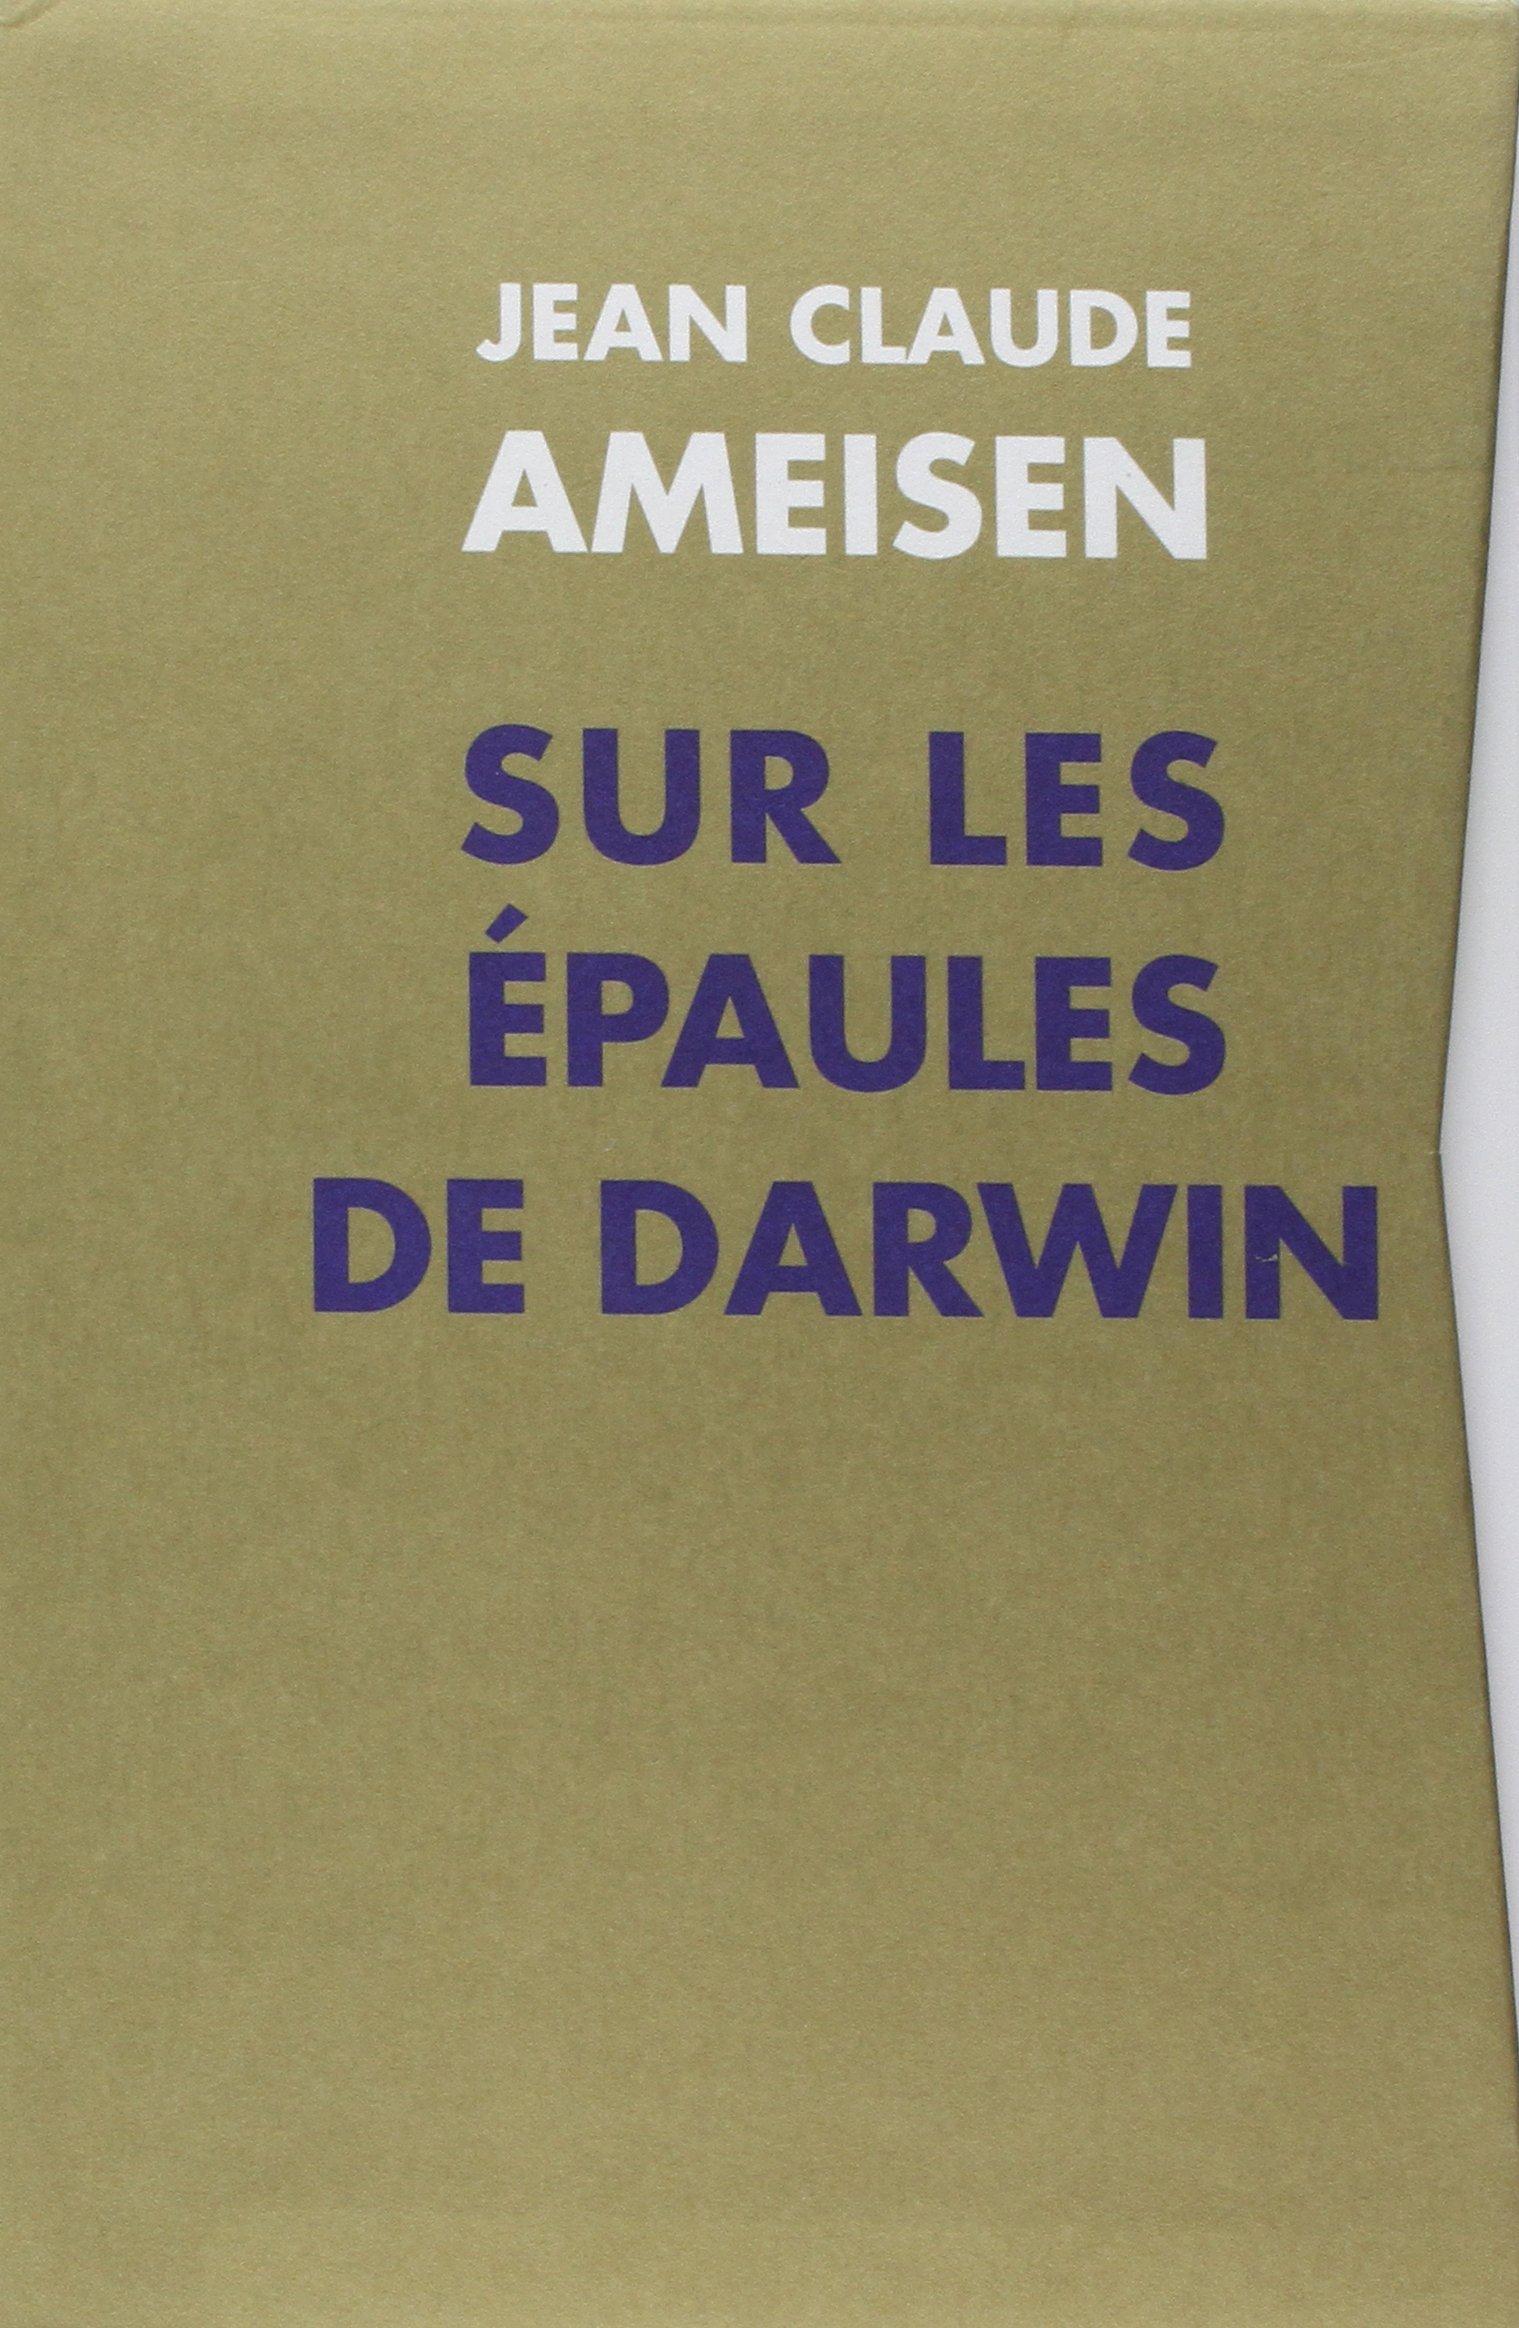 EPAULES SUR LES DE PODCAST DARWIN TÉLÉCHARGER